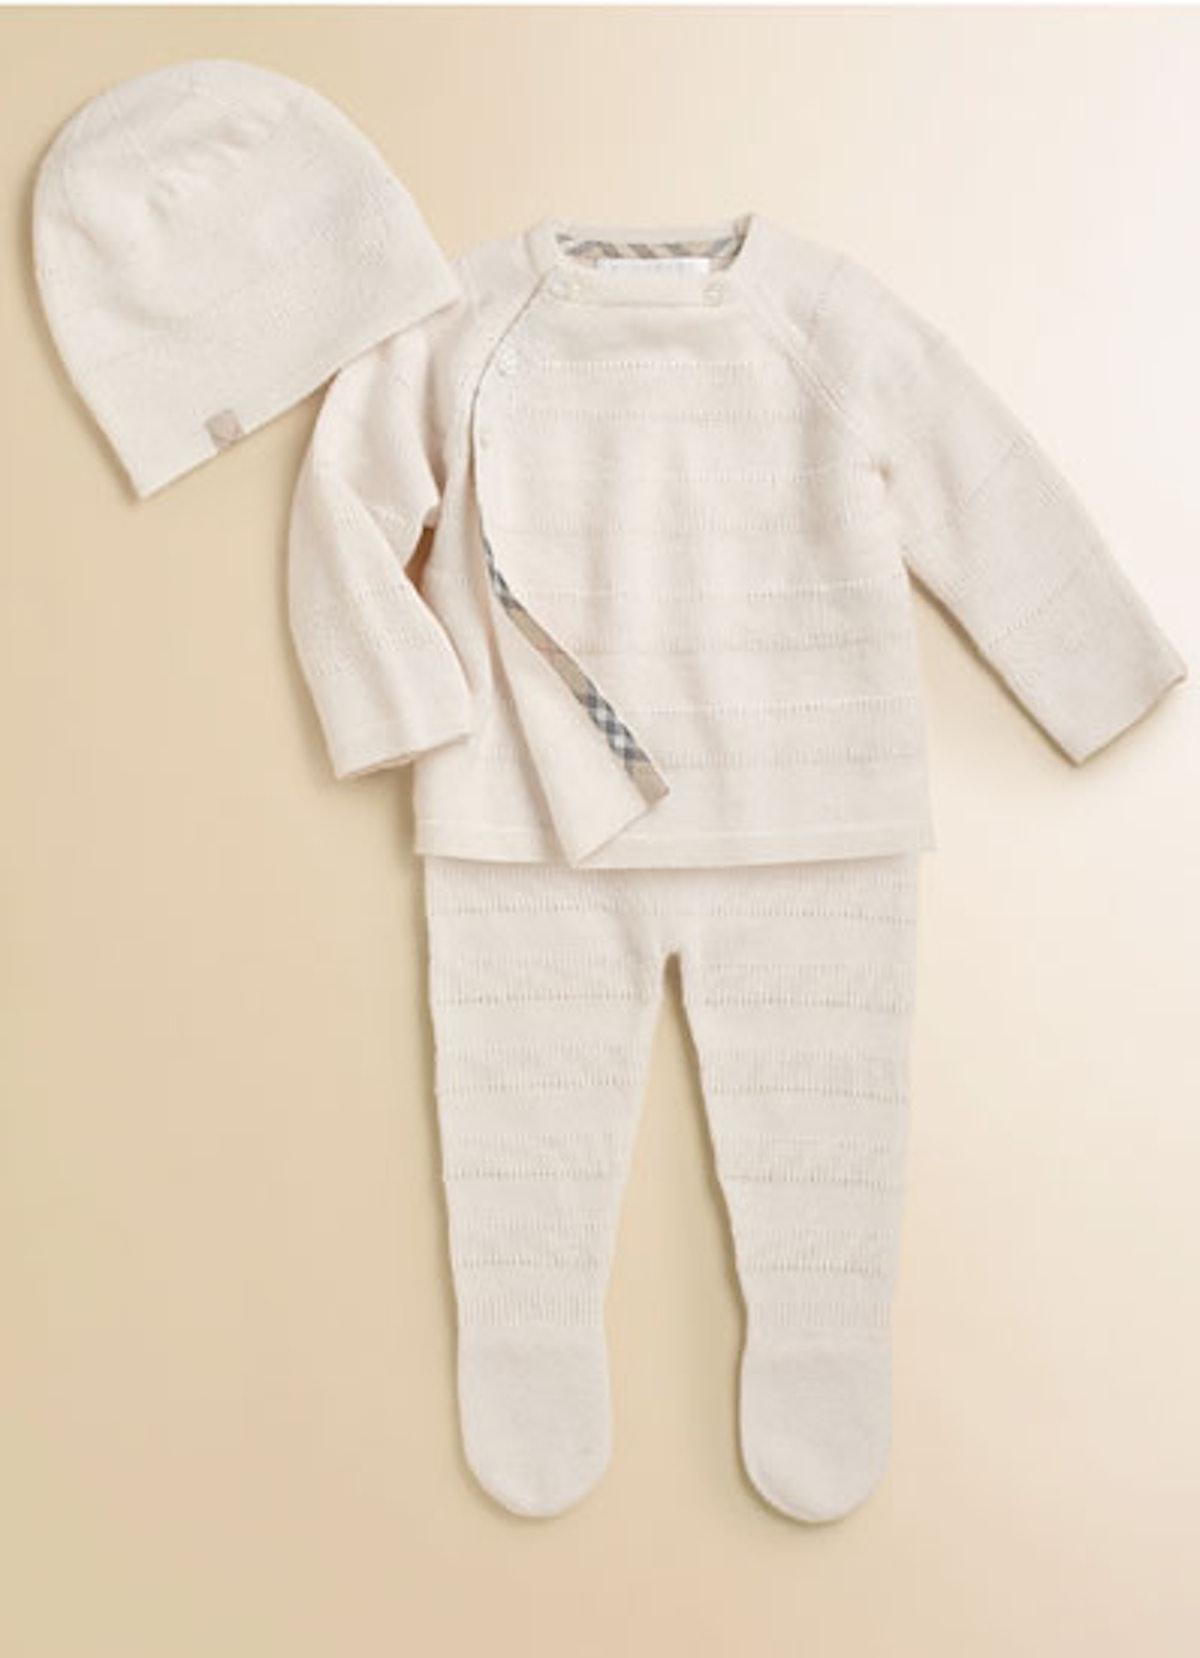 fass-kate-middleton-baby-registry-07-v.jpg